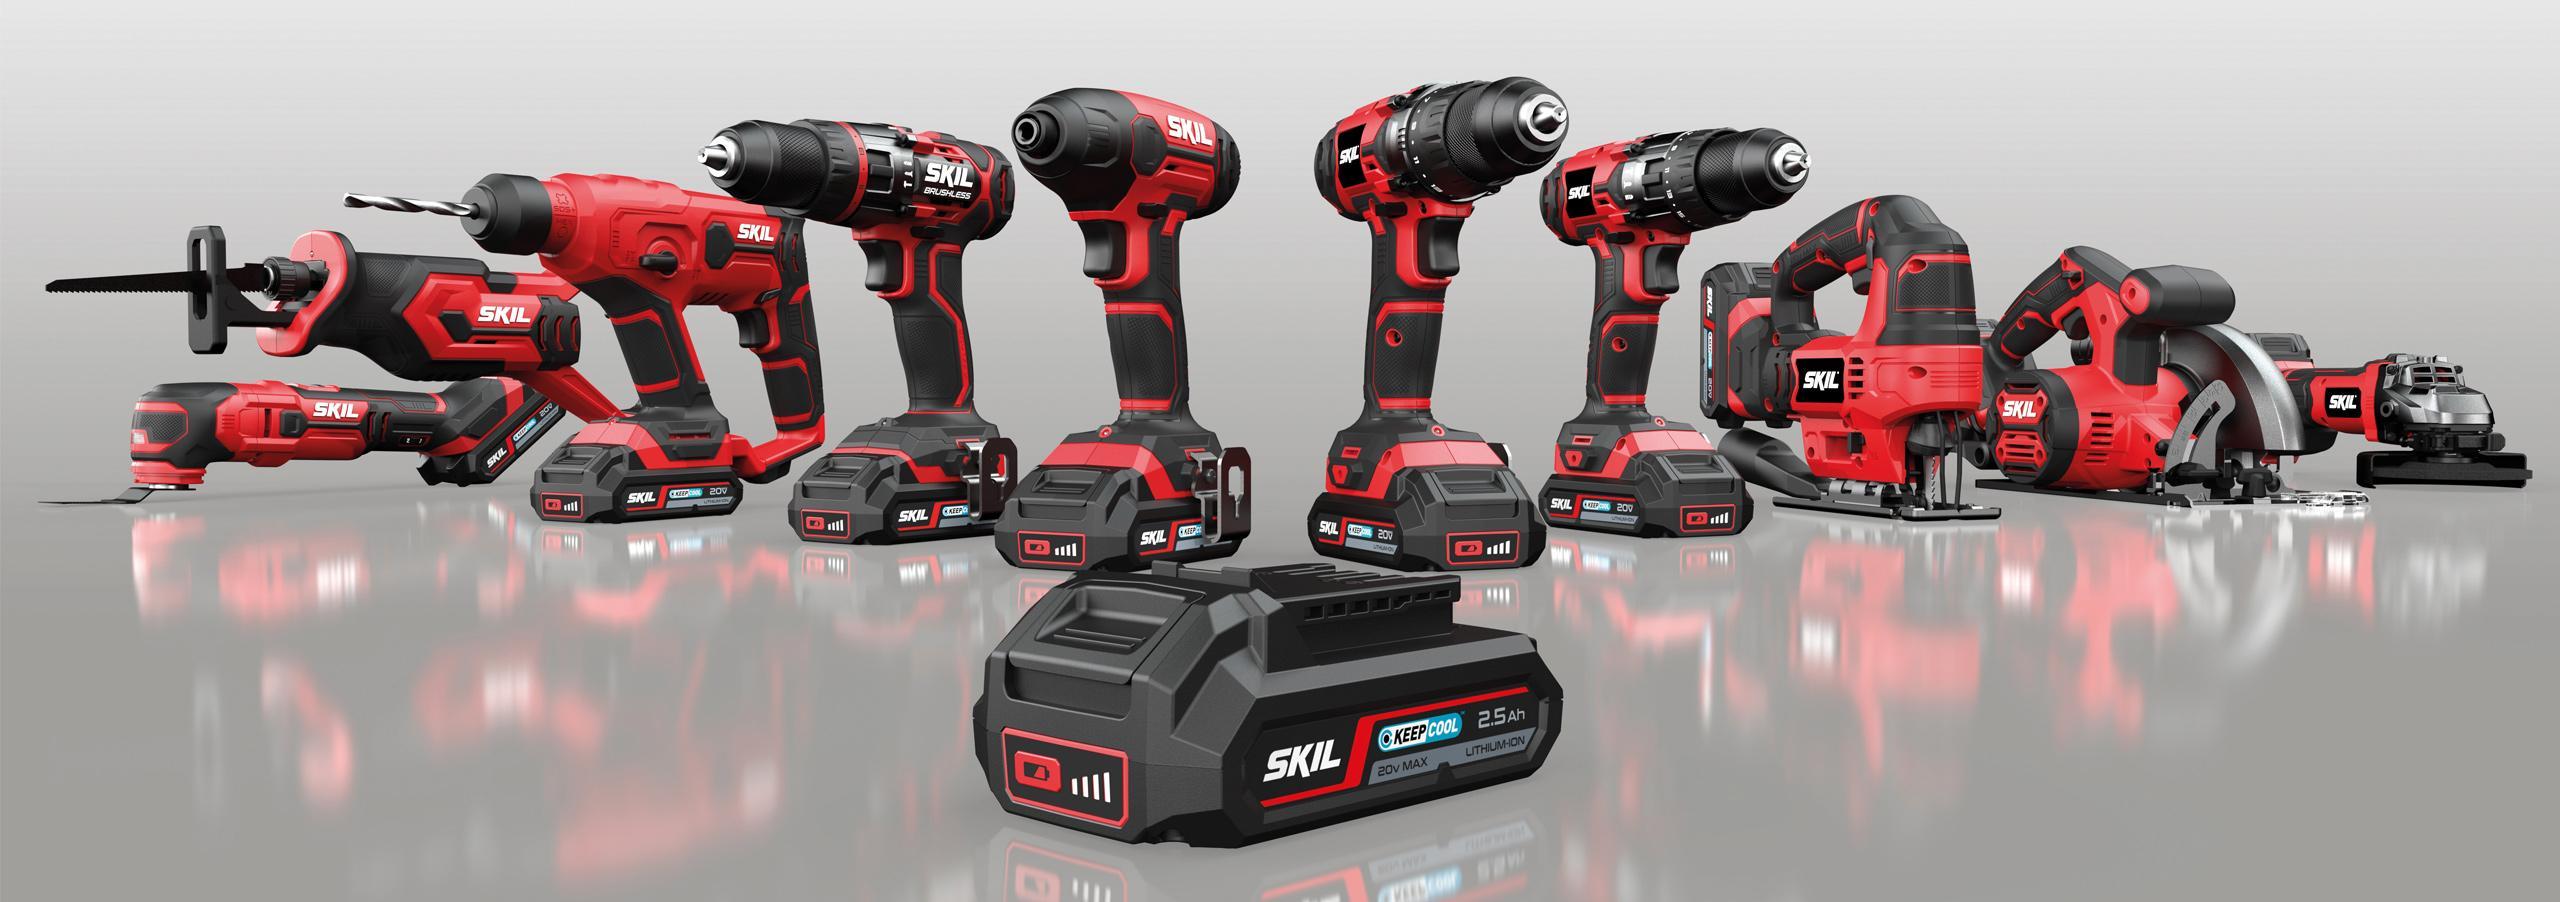 Firma SKIL przedstawia...